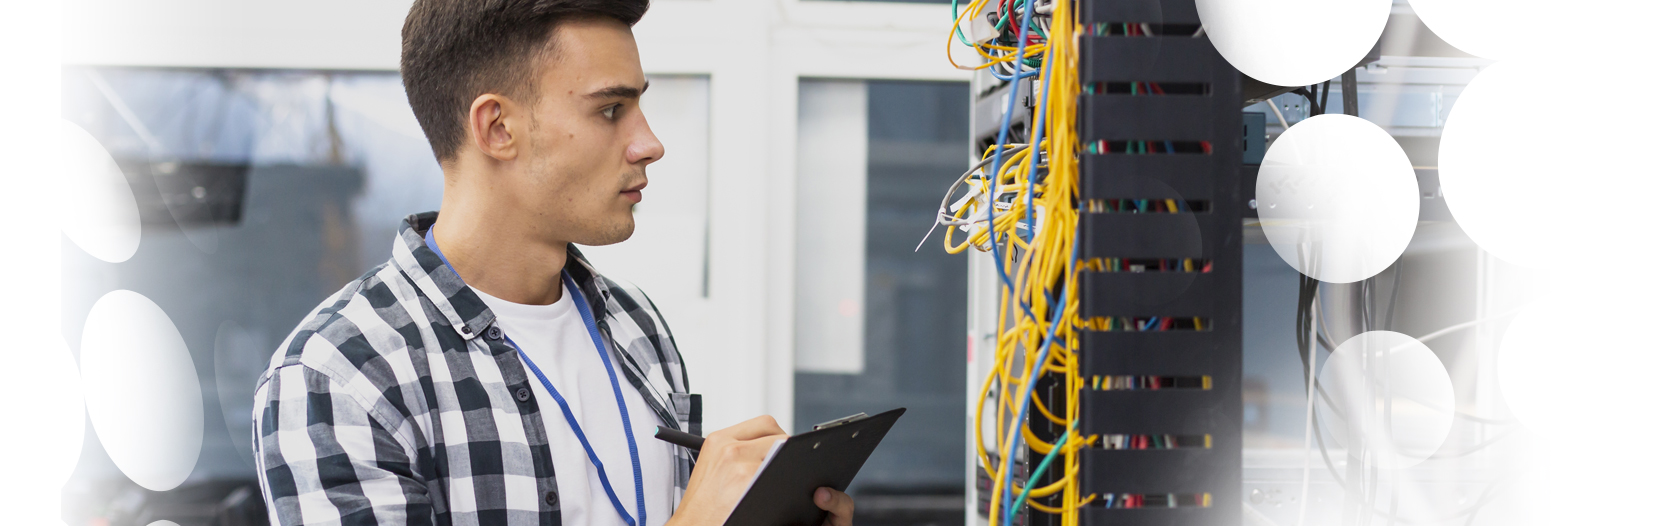 Grado en Ingeniería Informática y Tecnologías Virtuales